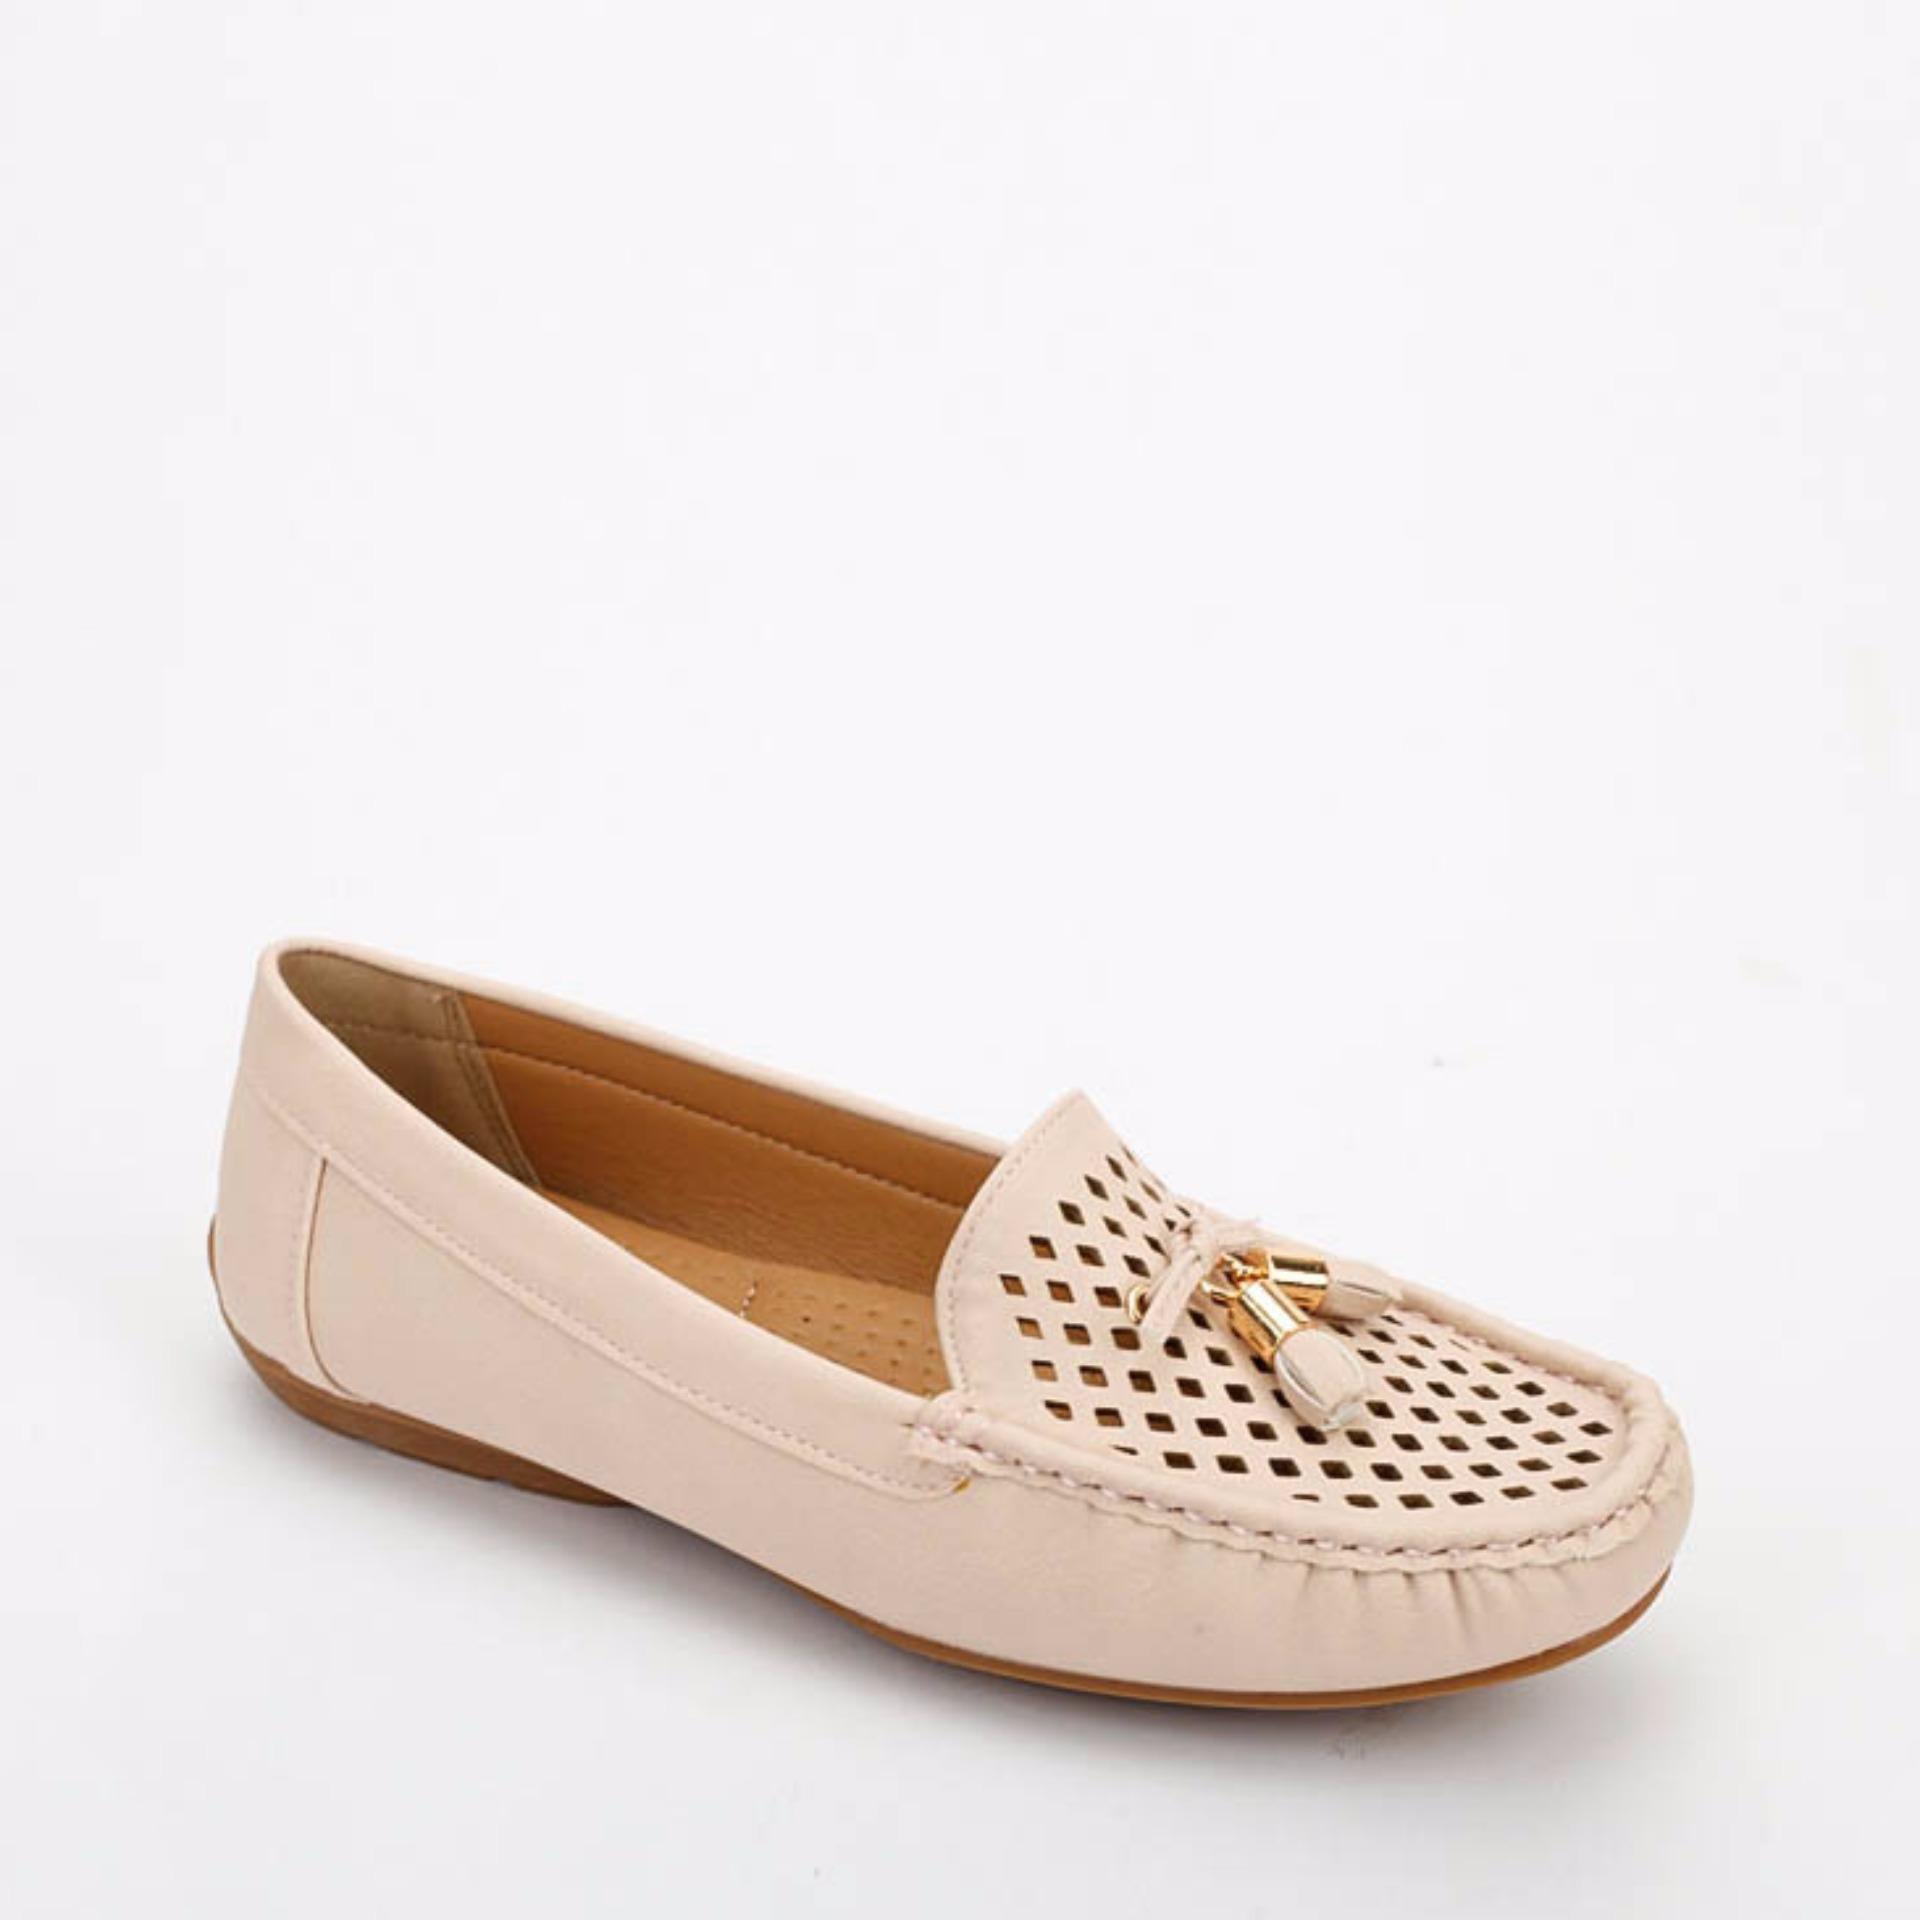 Cln shoes sandals philippines - Cln Shoes Sandals Philippines 40